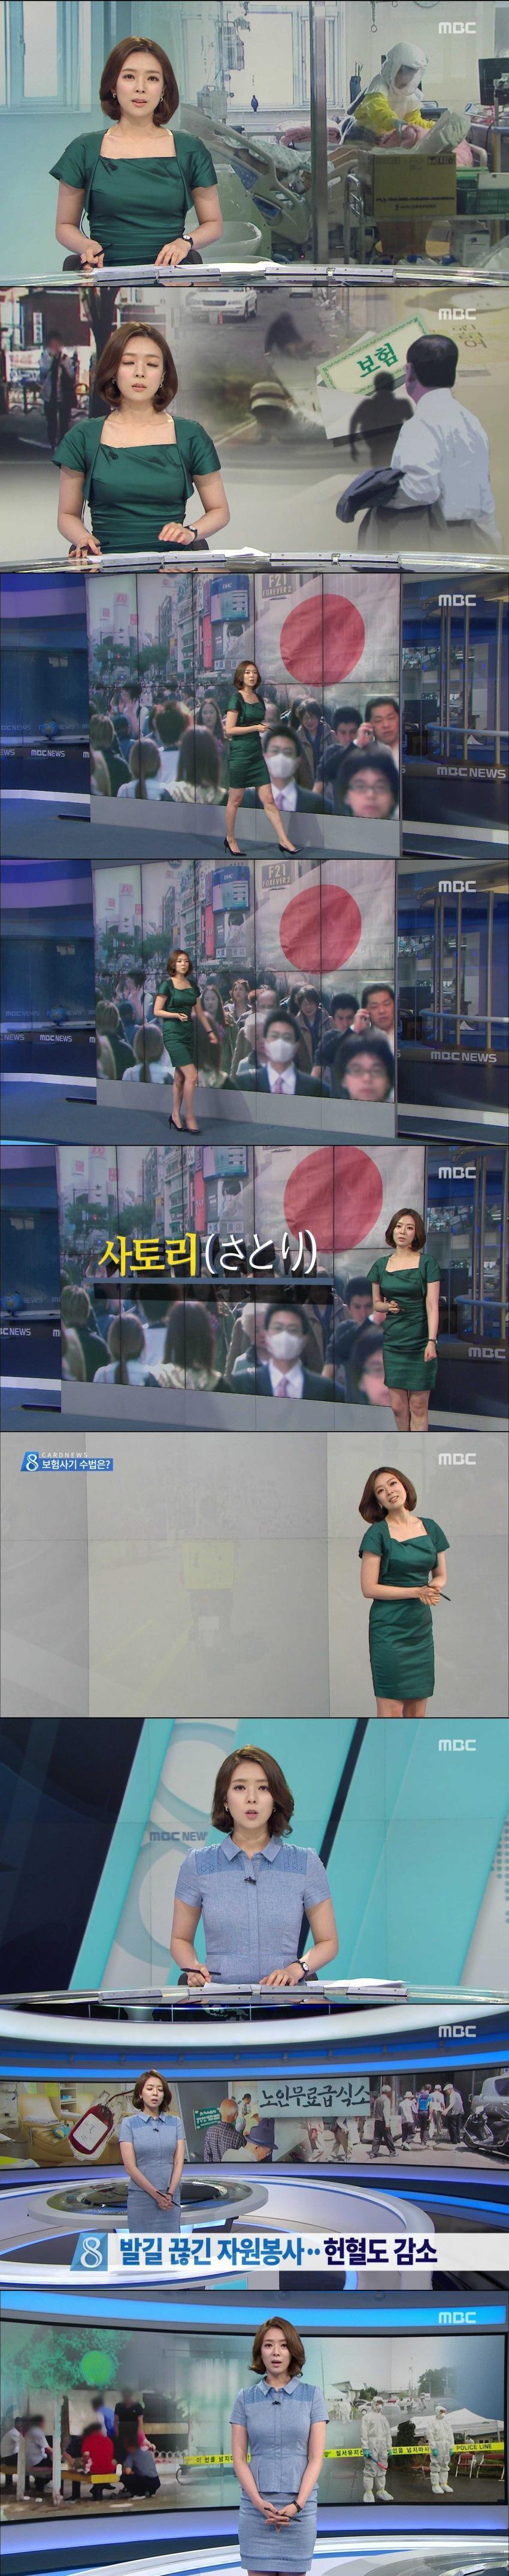 배현진 MBC 아나운서 시절